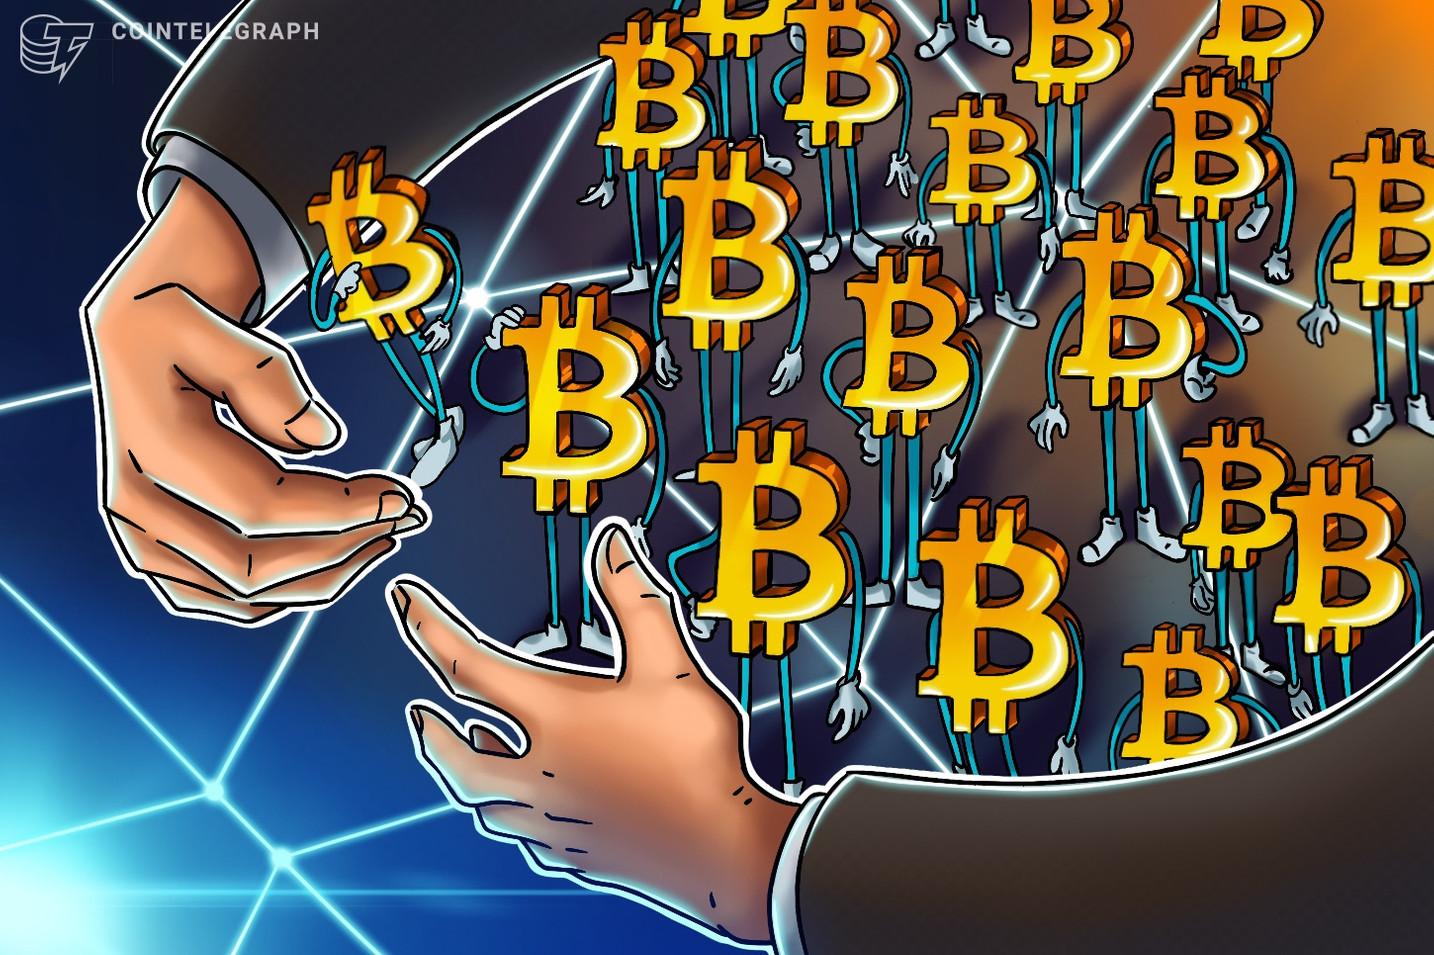 Empresas de capital abierto tienen casi USD 7,000 millones en Bitcoin frente a Grayscale